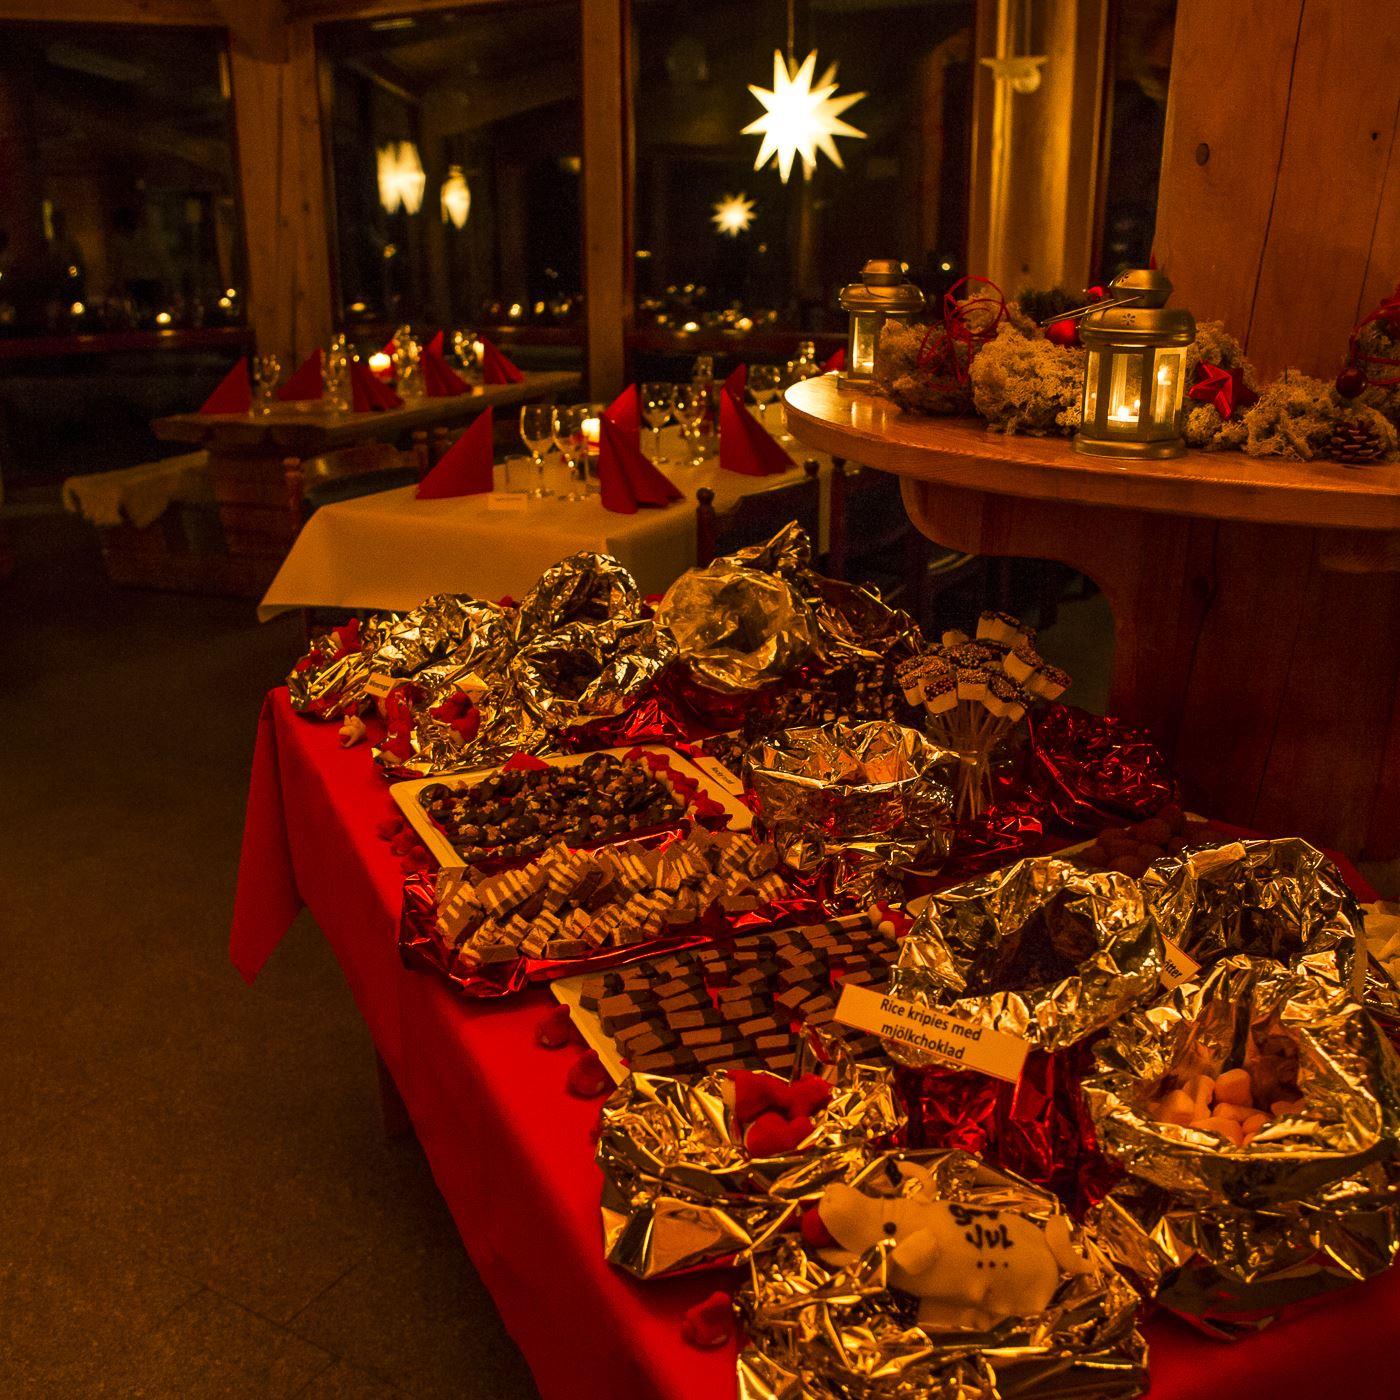 Christmas Dinner at Nordens Ark